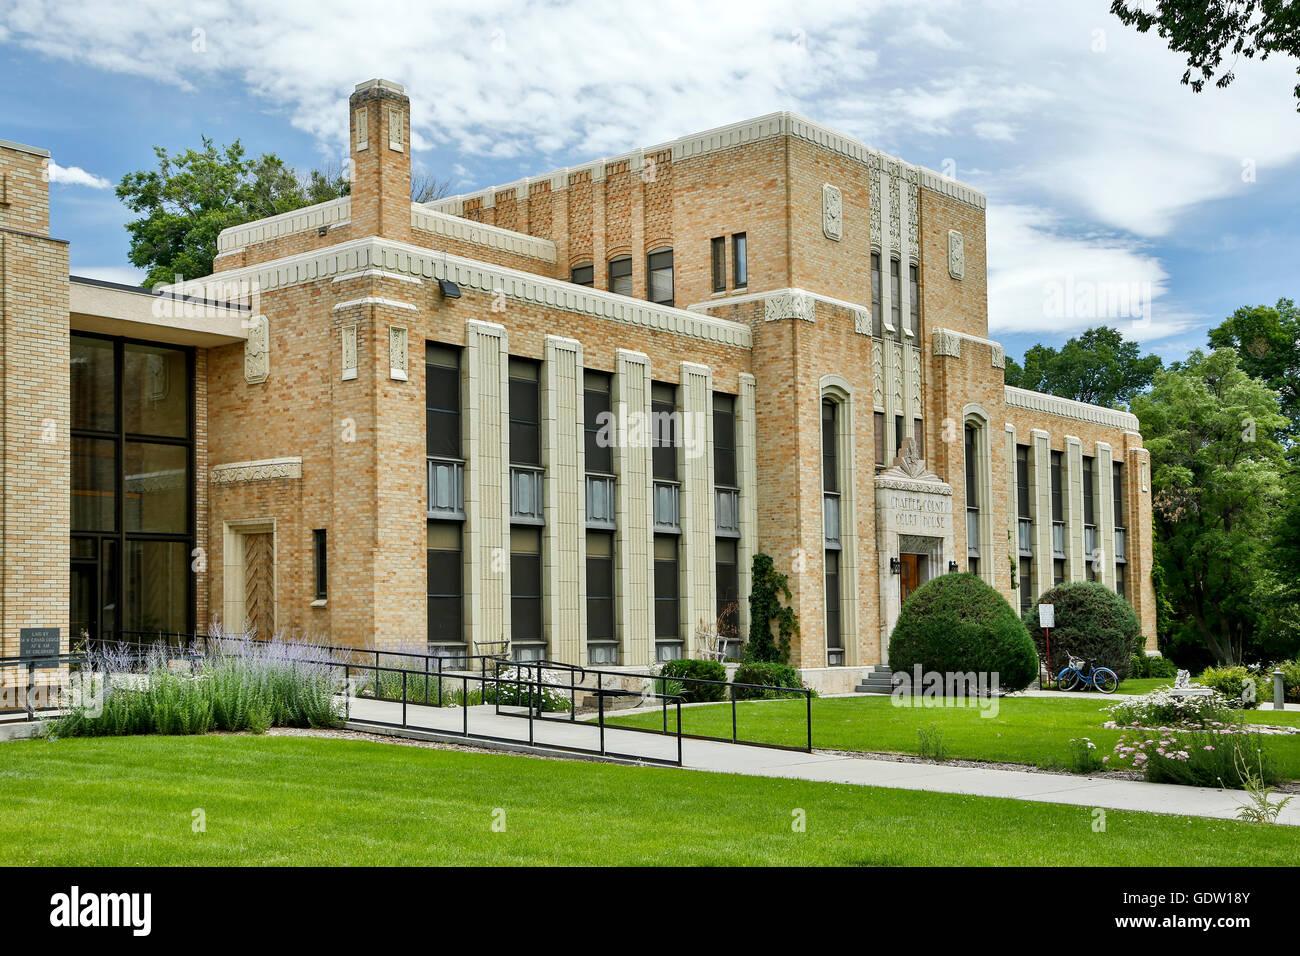 Chaffee County Courthouse (1932), Salida, Colorado USA - Stock Image